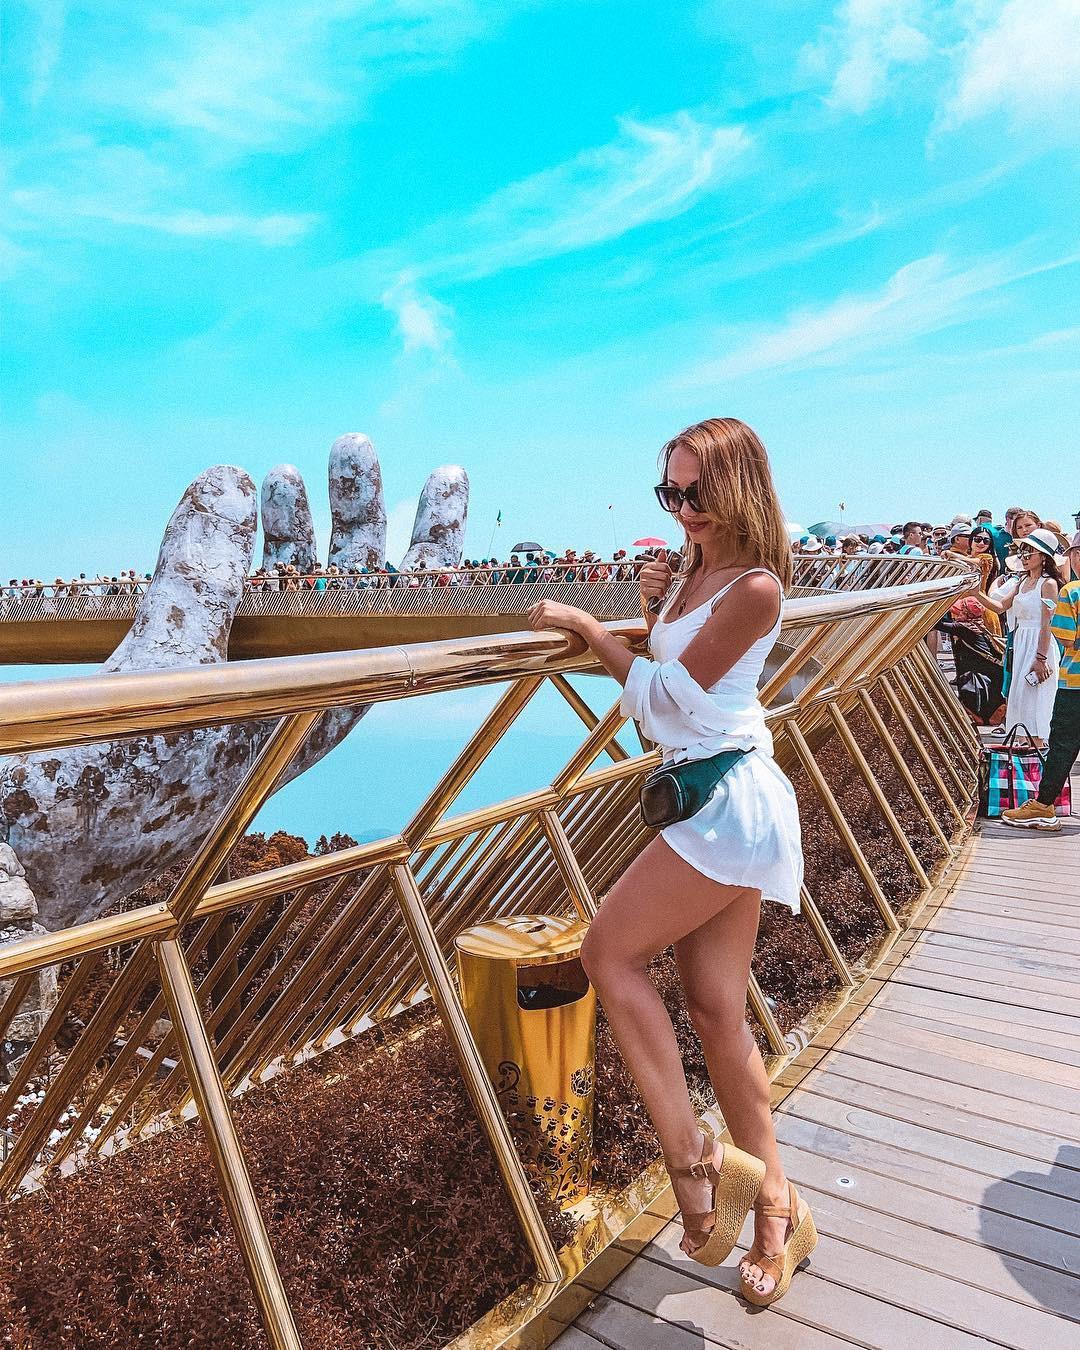 """""""Act cool đứng hình mất 5s"""" trước 8 cây cầu sống ảo đẹp nhất Việt Nam, bạn đã check-in hết chưa? - Ảnh 4."""